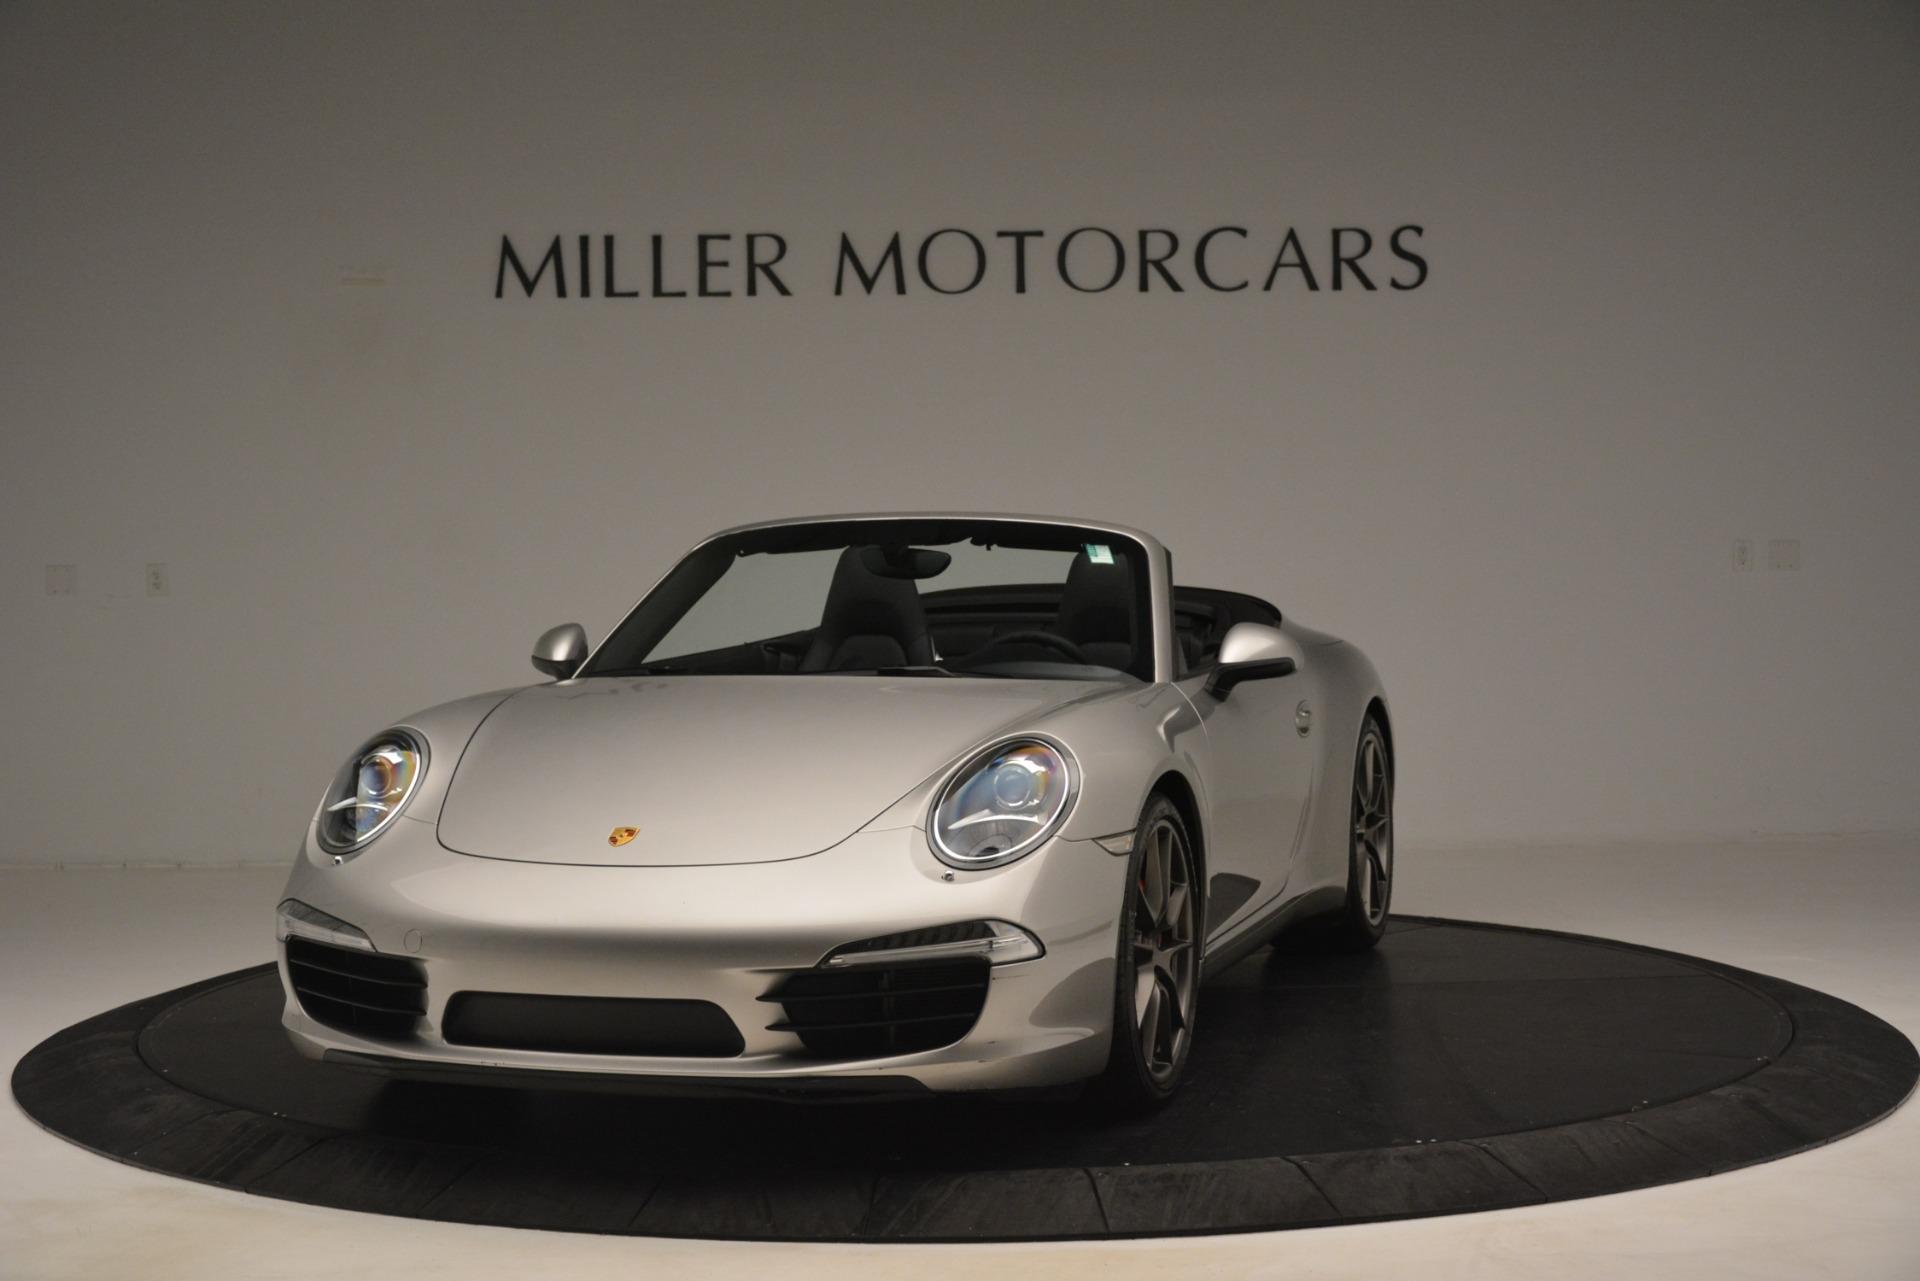 Used 2013 Porsche 911 Carrera S for sale Sold at Alfa Romeo of Westport in Westport CT 06880 1